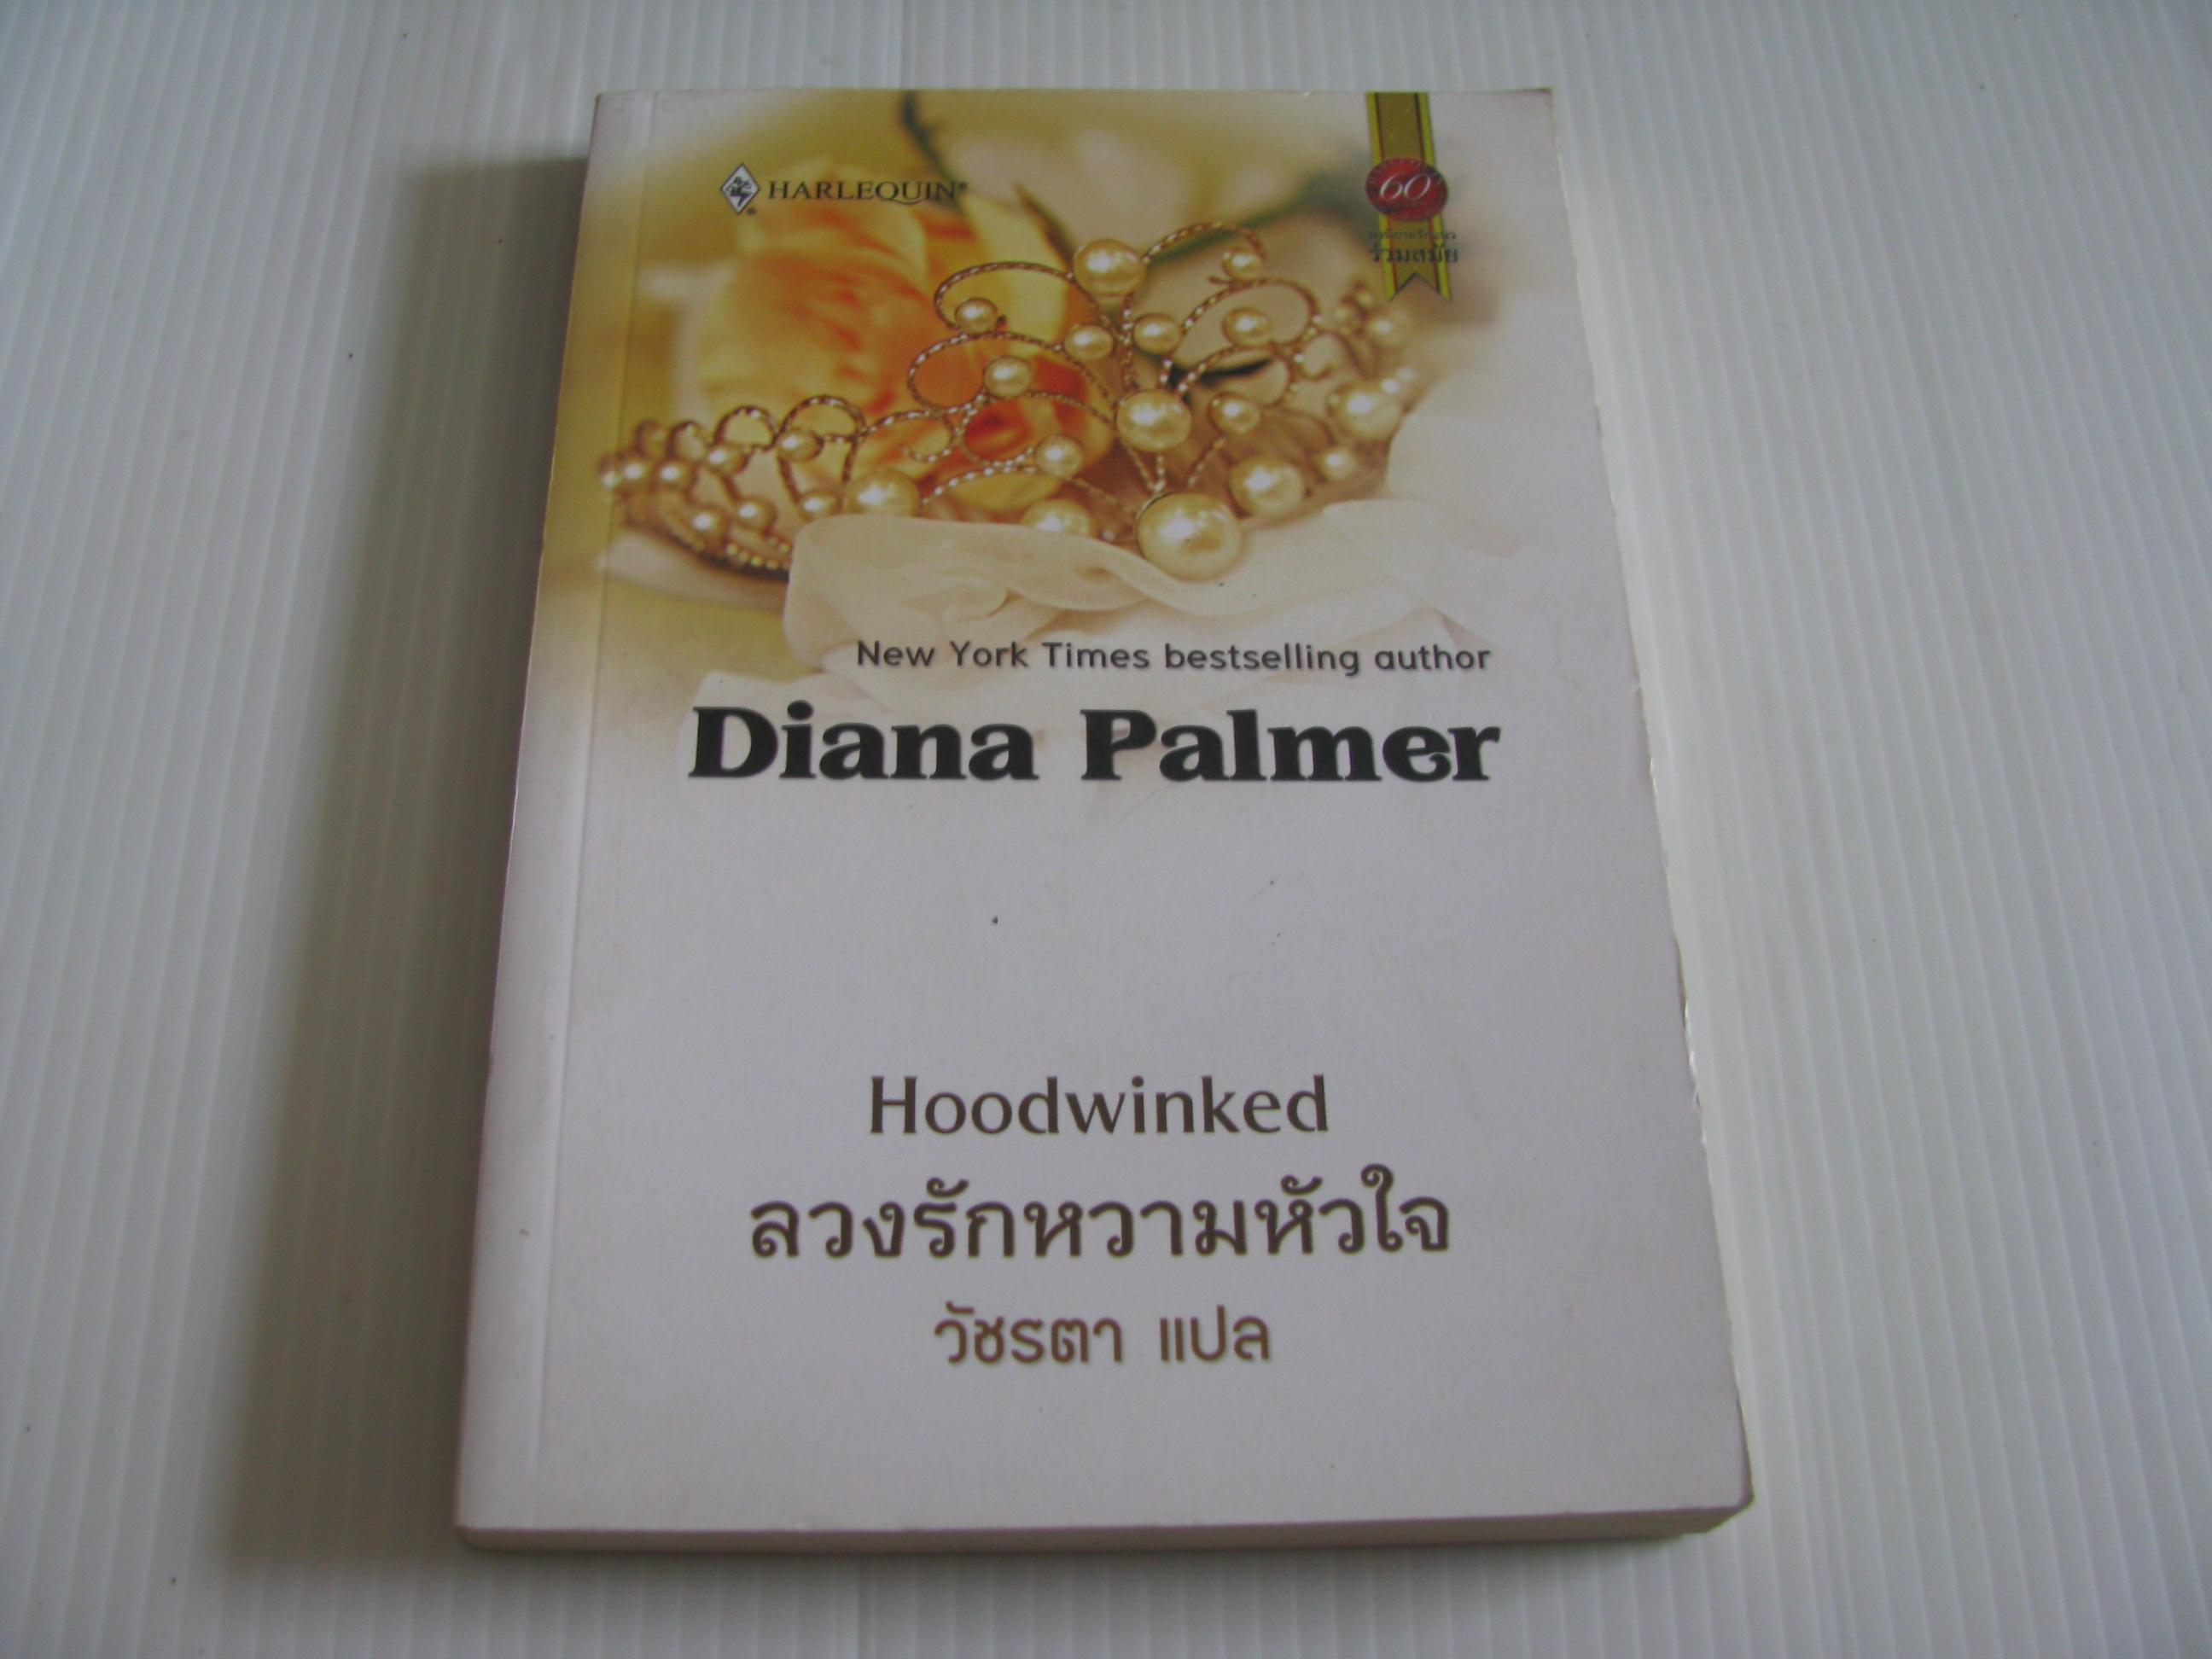 ลวงรักหวามหัวใจ (Hoodwinked) Diana Palmer เขียน วัชรตา แปล